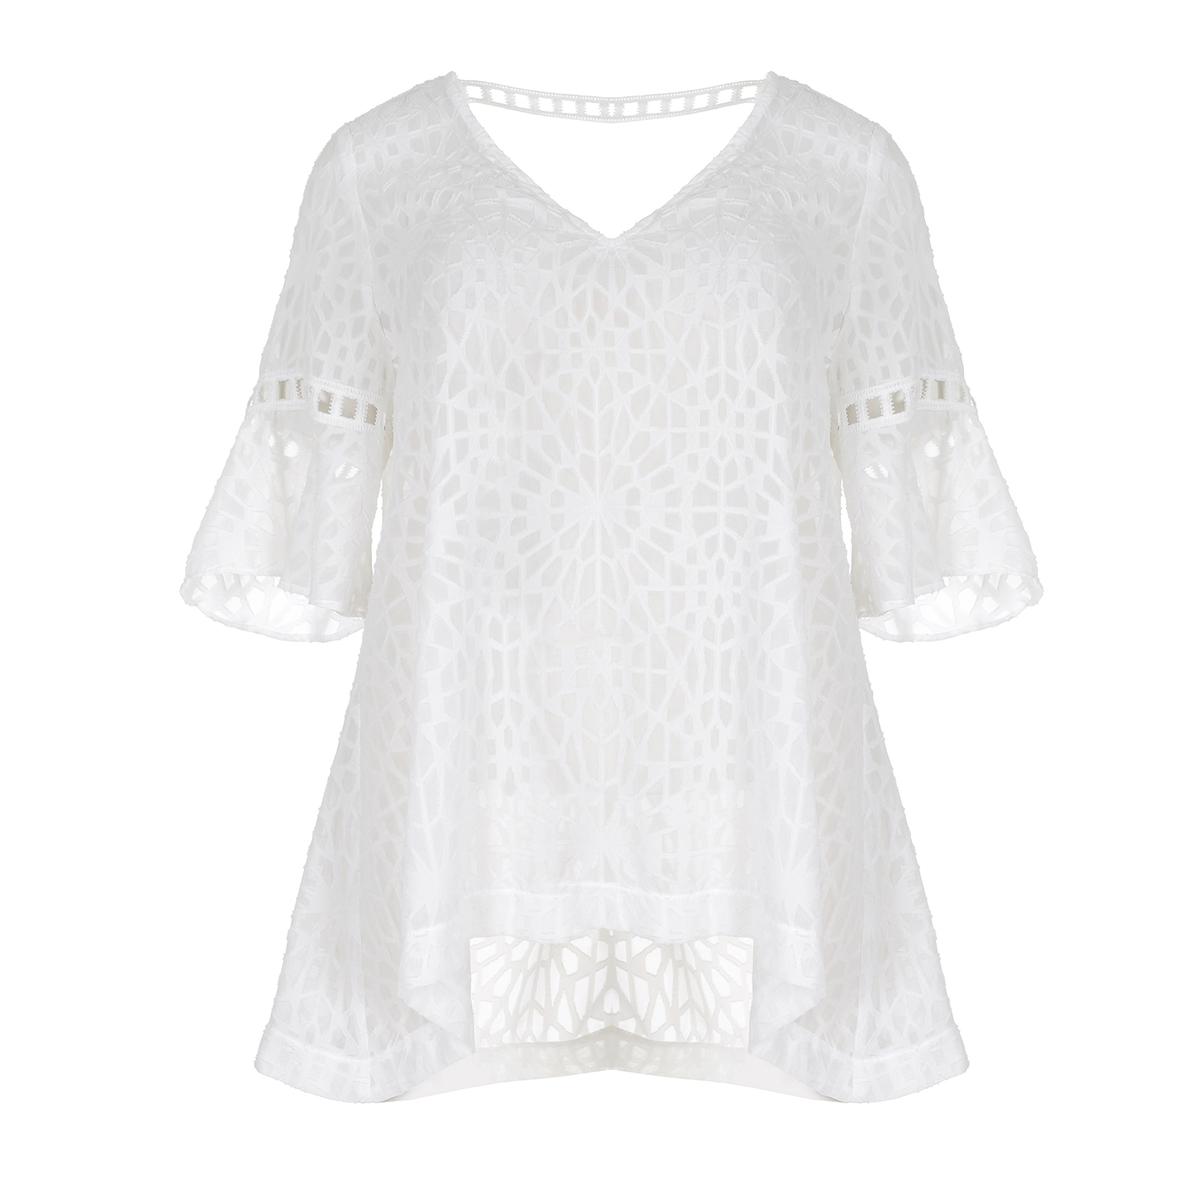 БлузкаБлузка из кружева с цветочным рисунком MAT FASHION. Струящийся покрой из женственного и изящного кружева. Короткие рукава с плиссировкой. V-образный вырез. Одна полоса сзади. 100% полиэстер<br><br>Цвет: белый